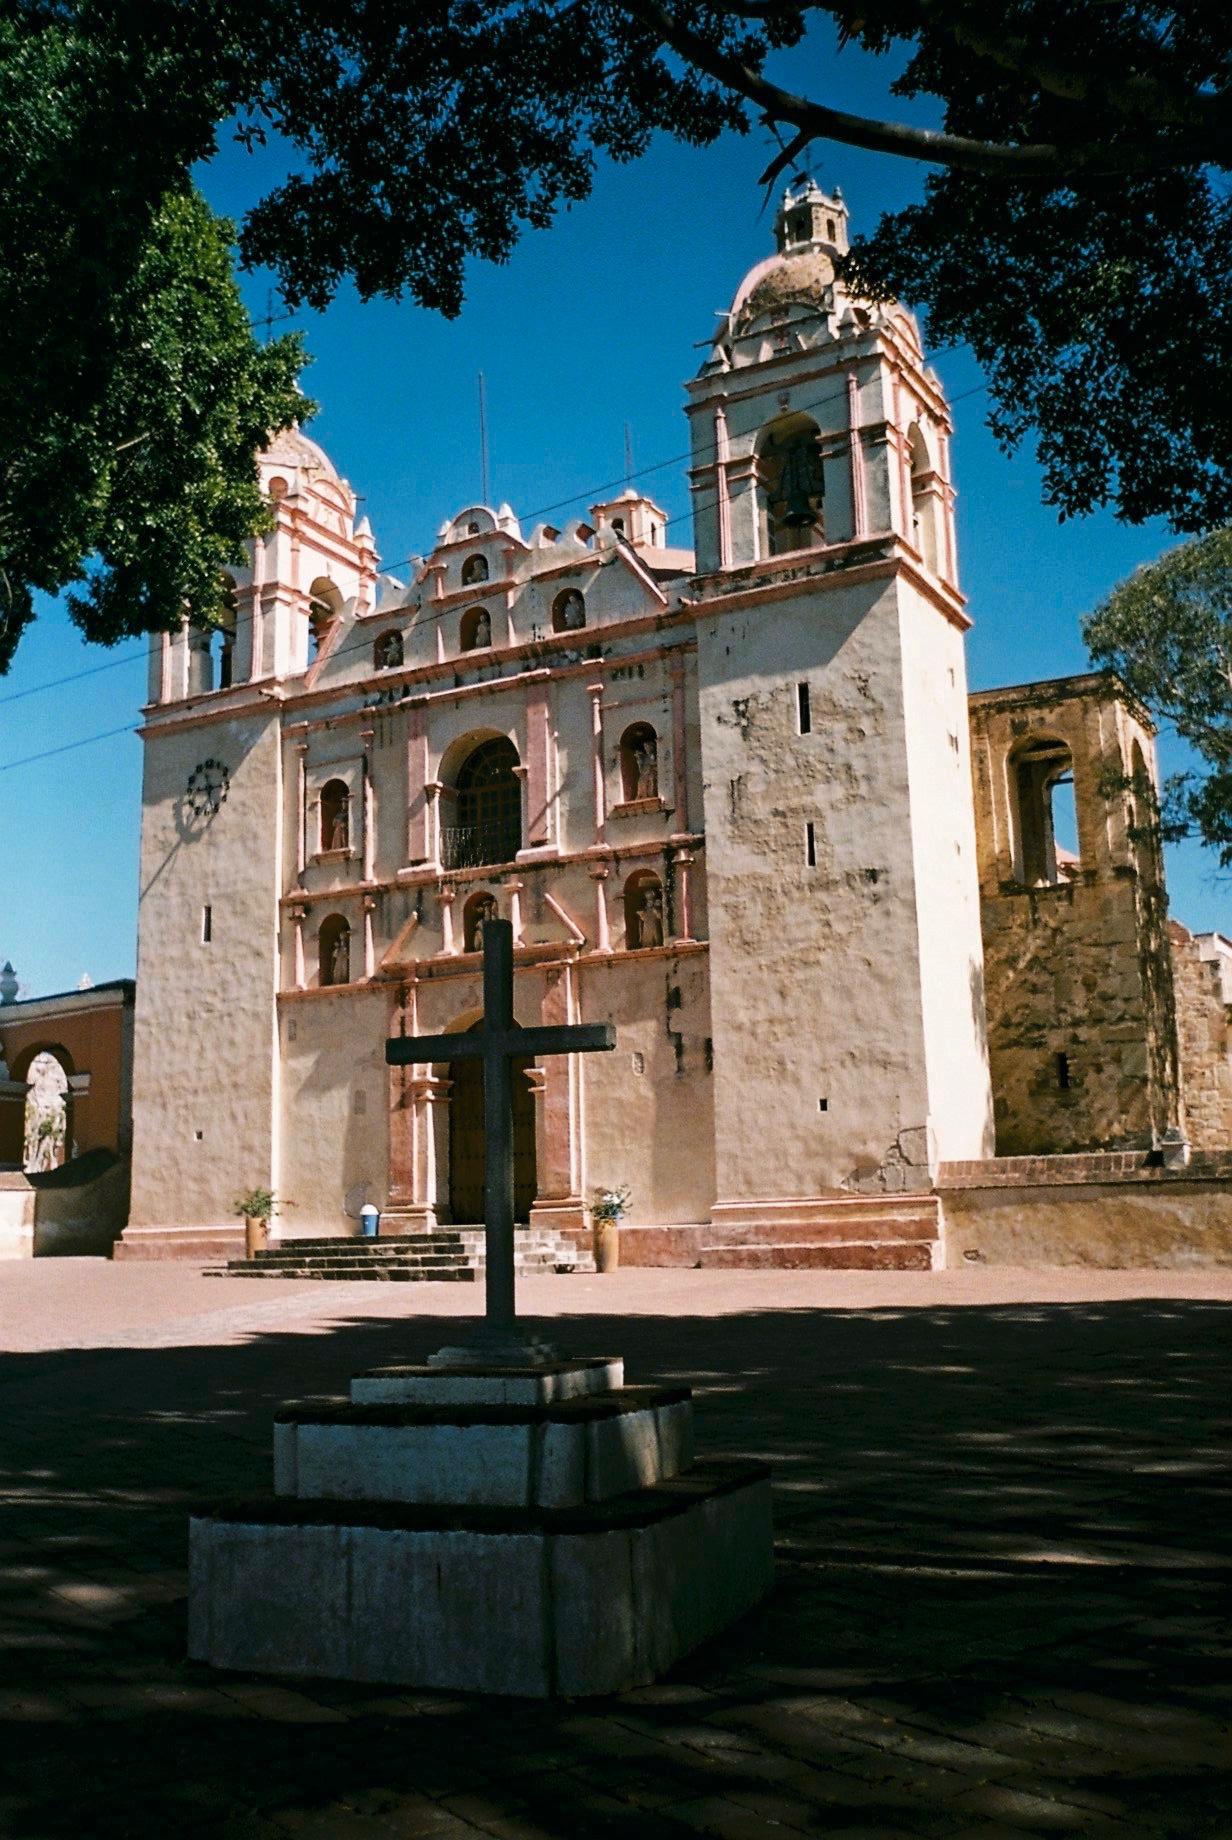 Oaxaca 01-2020 - 25 of 37